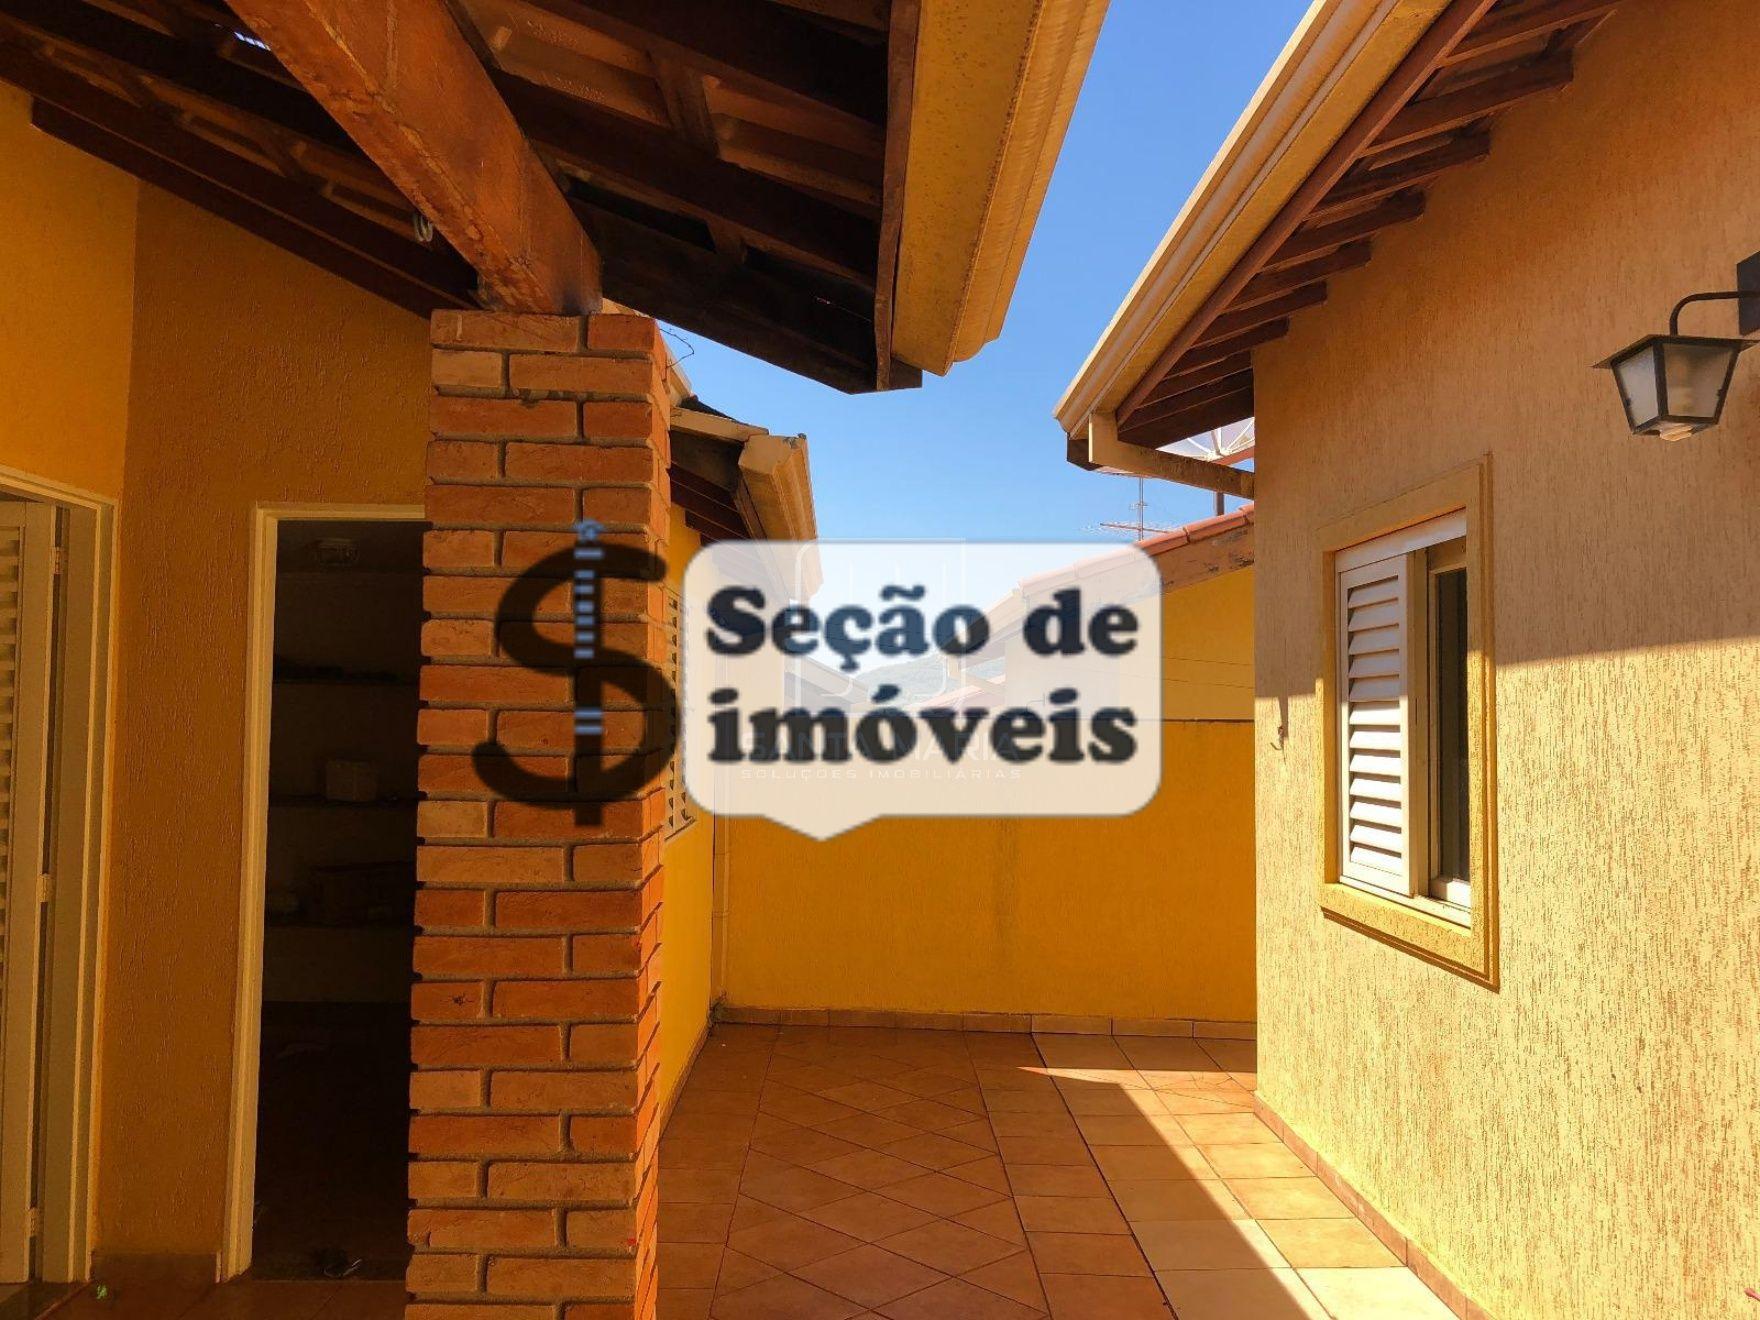 554 - Casa Cond. Recreio das Acácias 250 m²